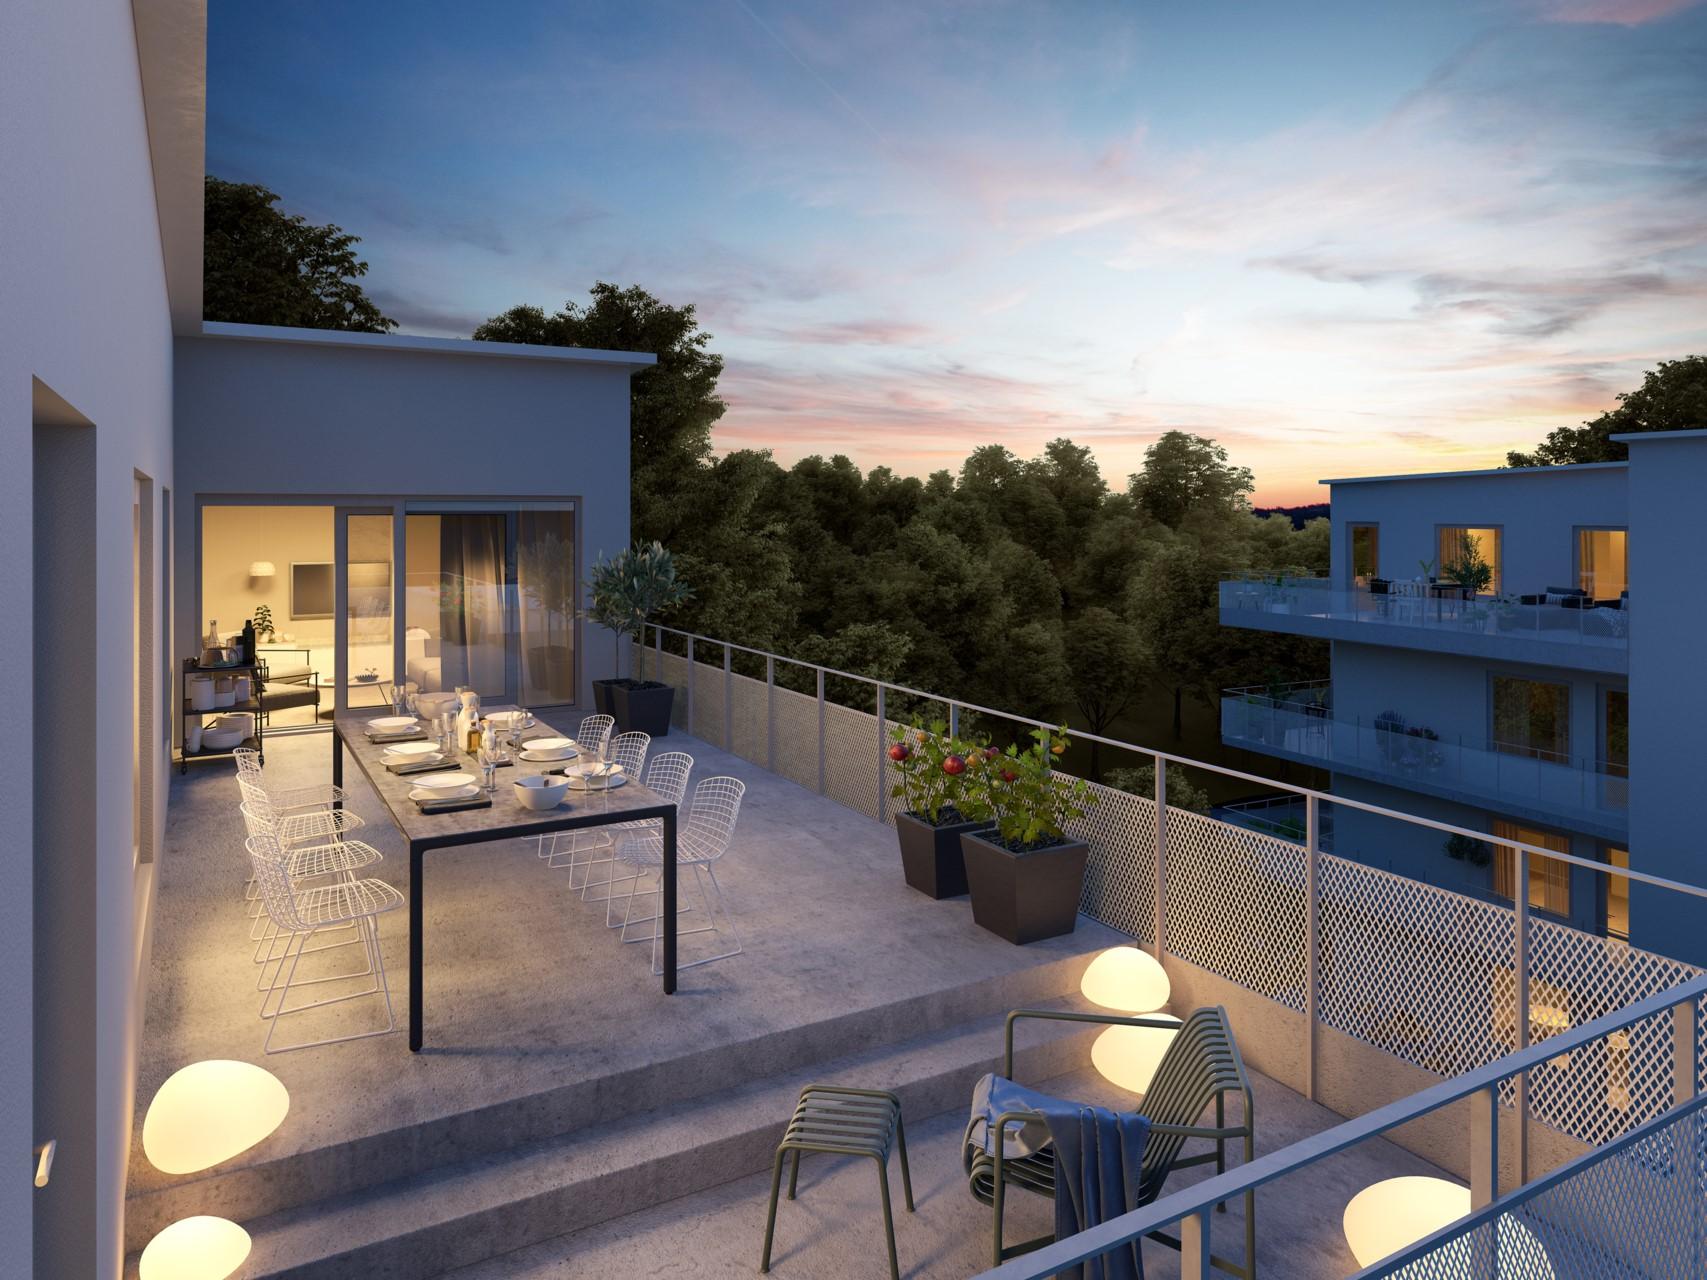 Ljuvlig terrass, animerad exempelbild